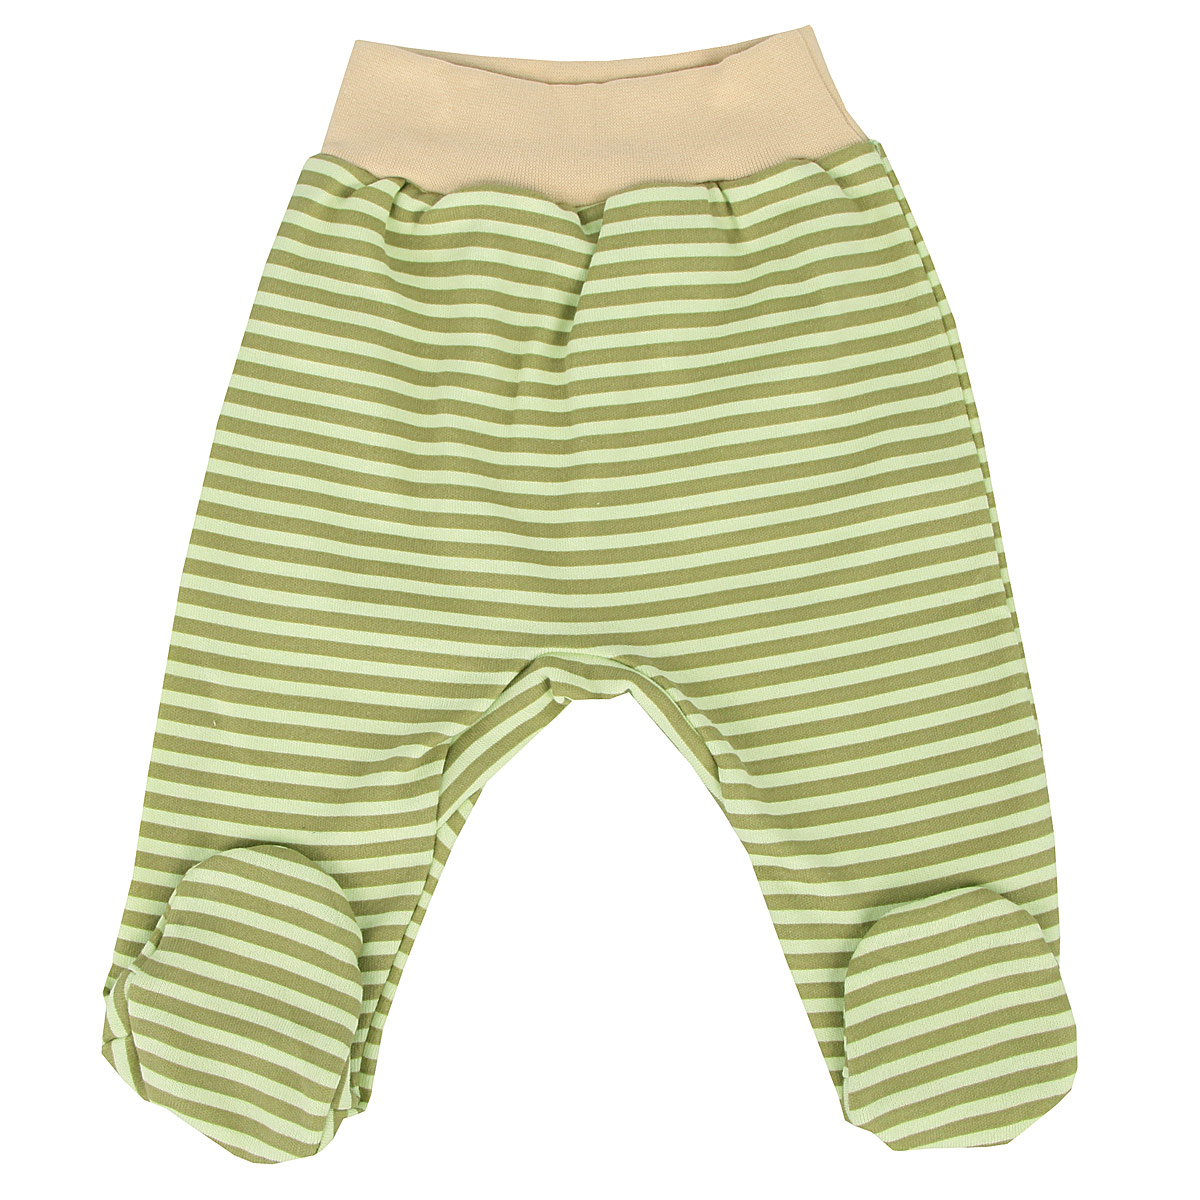 Ползунки на широком поясе для мальчика КотМарКот, цвет: фисташковый, оливковый, бежевый. 5283. Размер 56, 0-1 месяц5283Удобные ползунки для новорожденного КотМарКот на широком поясе послужат идеальным дополнением к гардеробу вашего малыша. Ползунки, изготовленные из натурального хлопка - интерлока, они необычайно мягкие и легкие, не раздражают нежную кожу ребенка и хорошо вентилируются, а эластичные швы приятны телу младенца и не препятствуют его движениям. Ползунки с закрытыми ножками благодаря мягкому эластичному поясу не сдавливают животик ребенка и не сползают, обеспечивая ему наибольший комфорт, идеально подходят для ношения с подгузником и без него. Изделие оформлено принтом в полоску.Ползунки отлично сочетаются с футболками, кофточками и боди. В них вашему малышу будет уютно и комфортно!